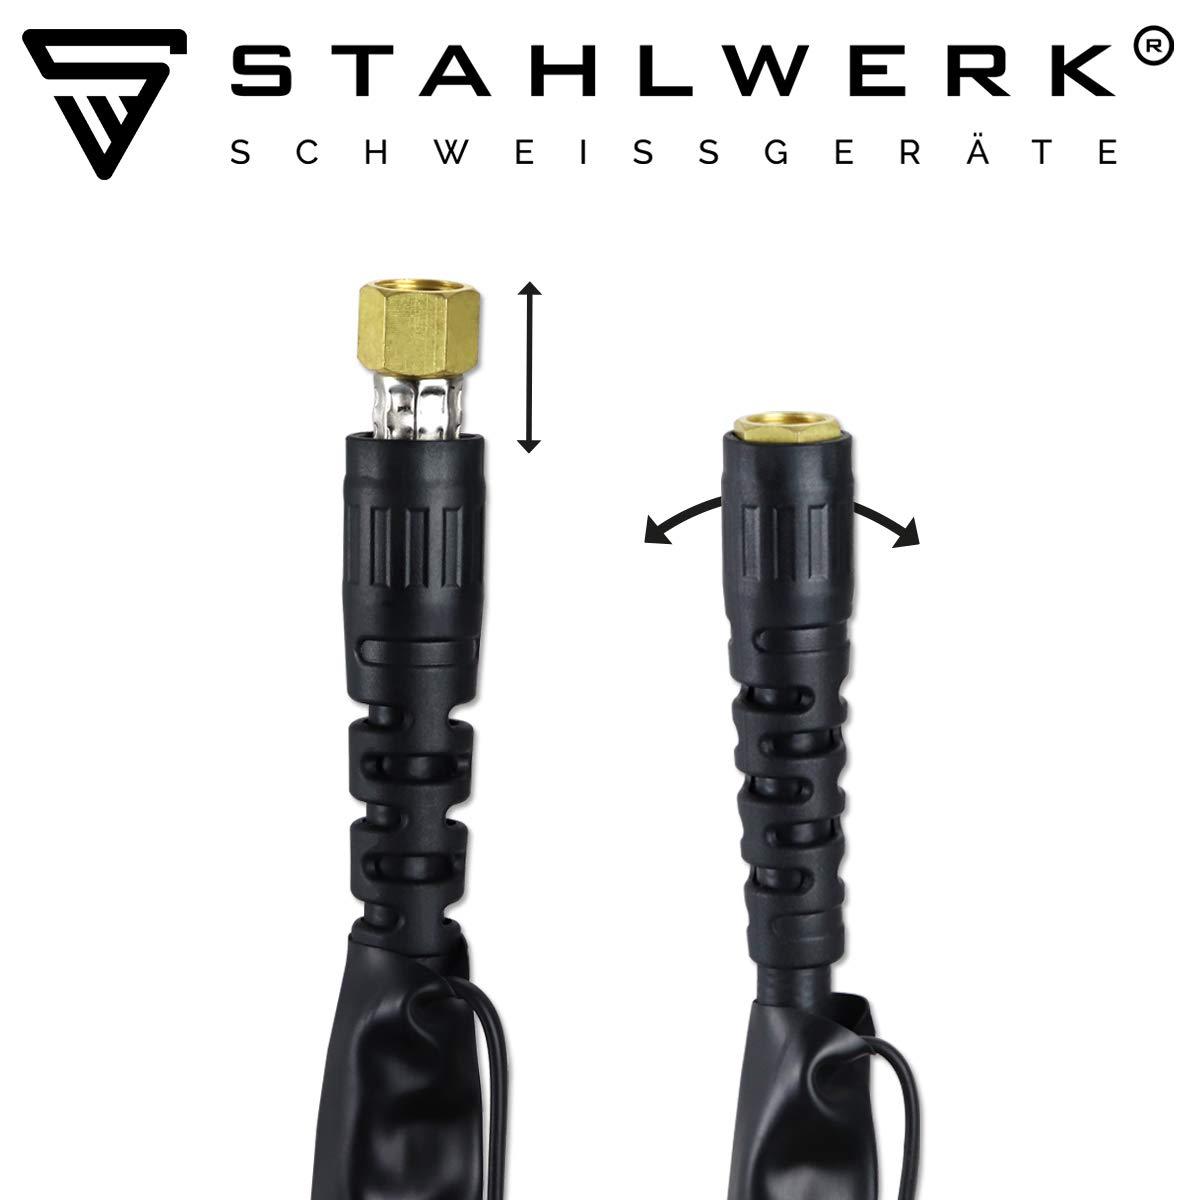 hochflexibel 2-polig gasgek/ühlt STAHLWERK WIG Schwei/ßbrenner WP-26 mit 8 Meter Schlauchpaket bis 200A ergonomischer Griff